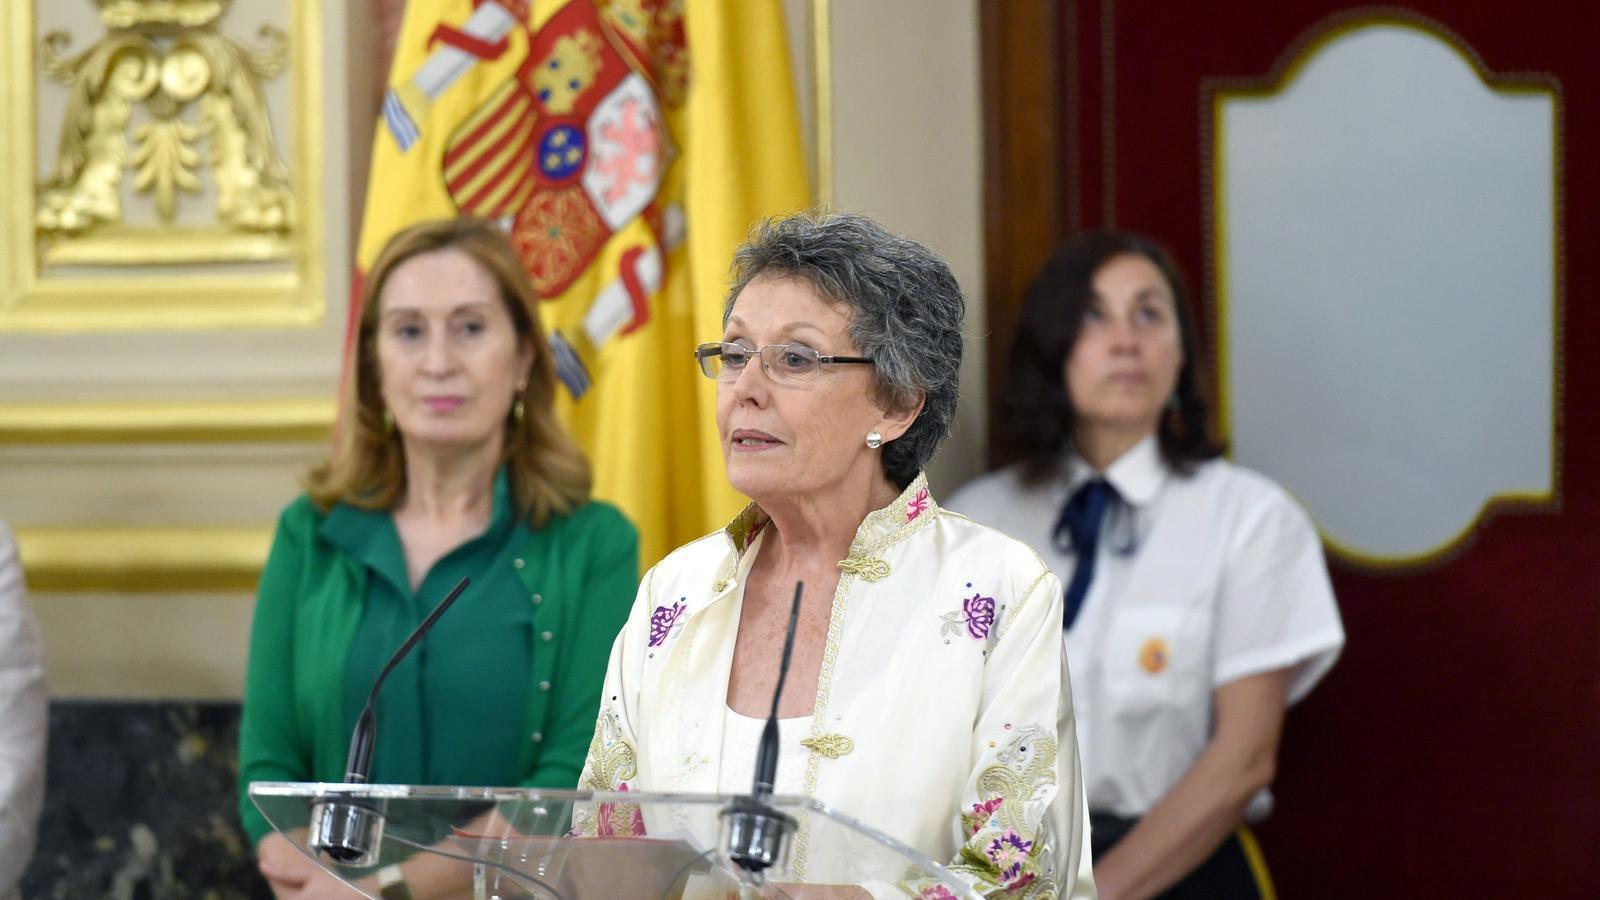 Rosa María Mateo, durant l'acte de presa de possessió com a administradora única de RTVE